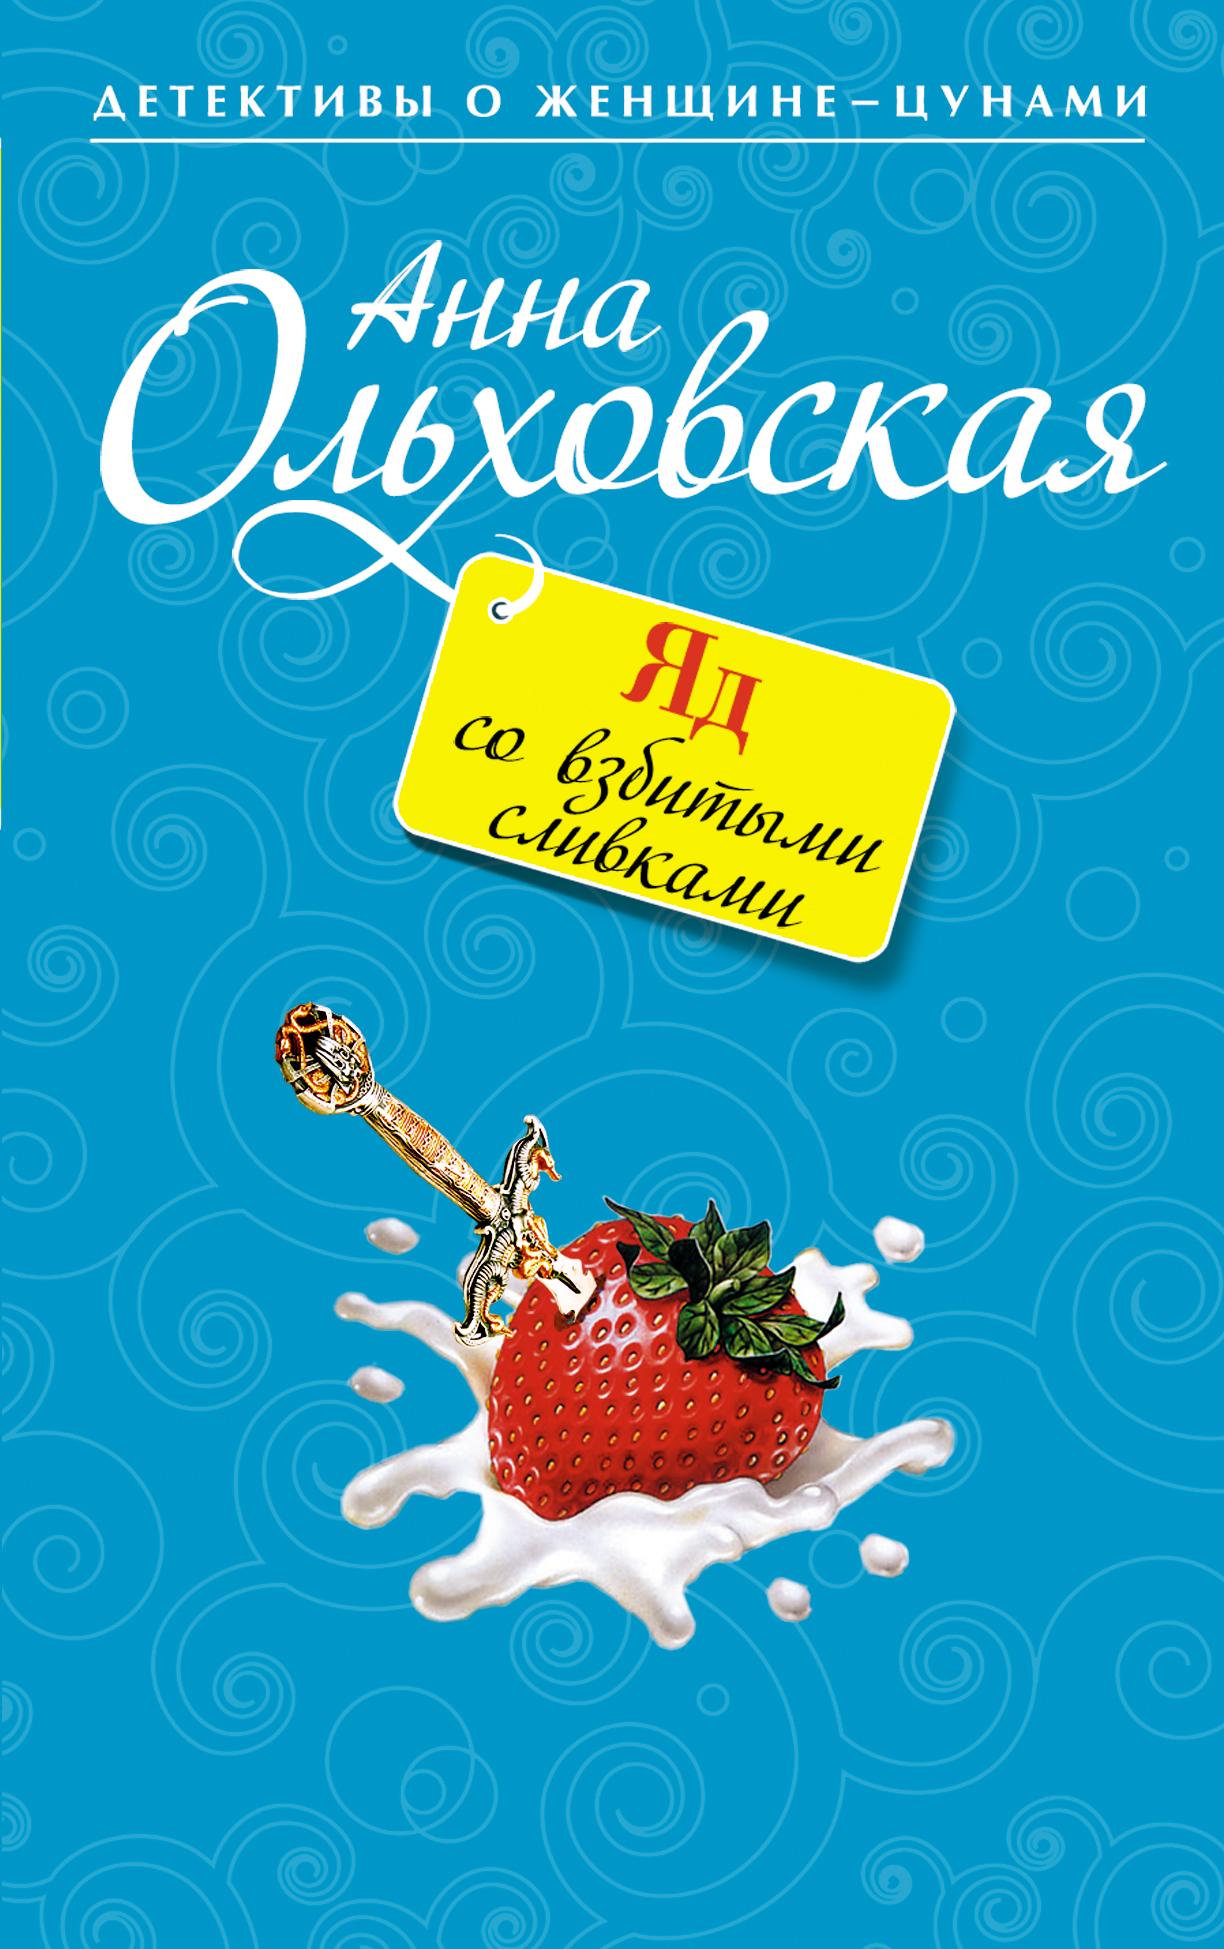 Яд со взбитыми сливками ( Анна Ольховская  )